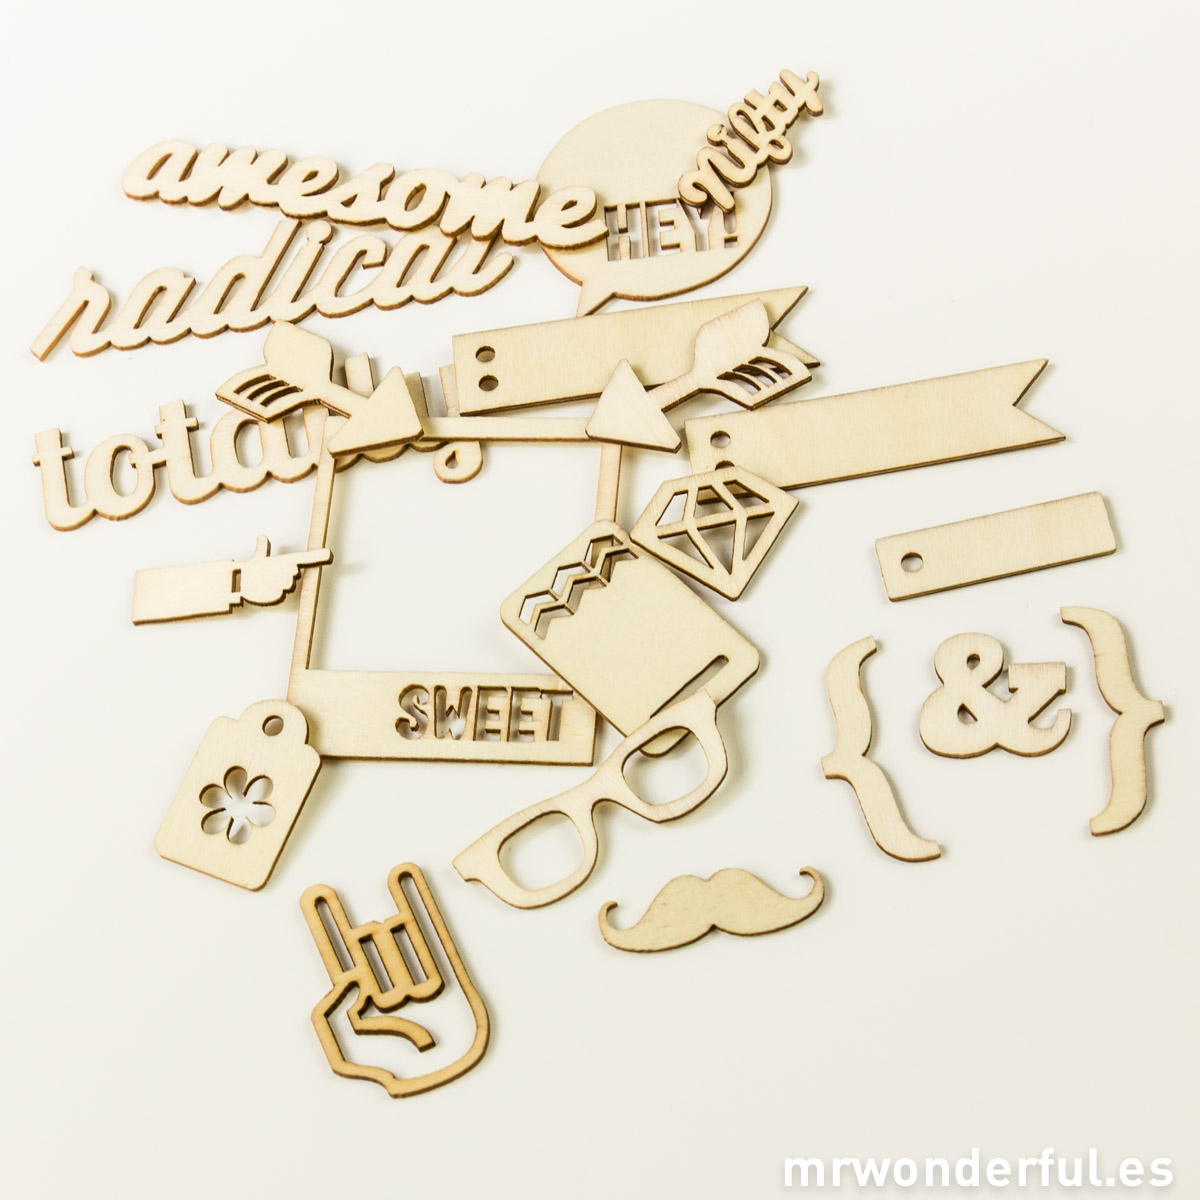 mrwonderful_HIP-4120_surtido-20-piezas-formas-palabras-madera-10